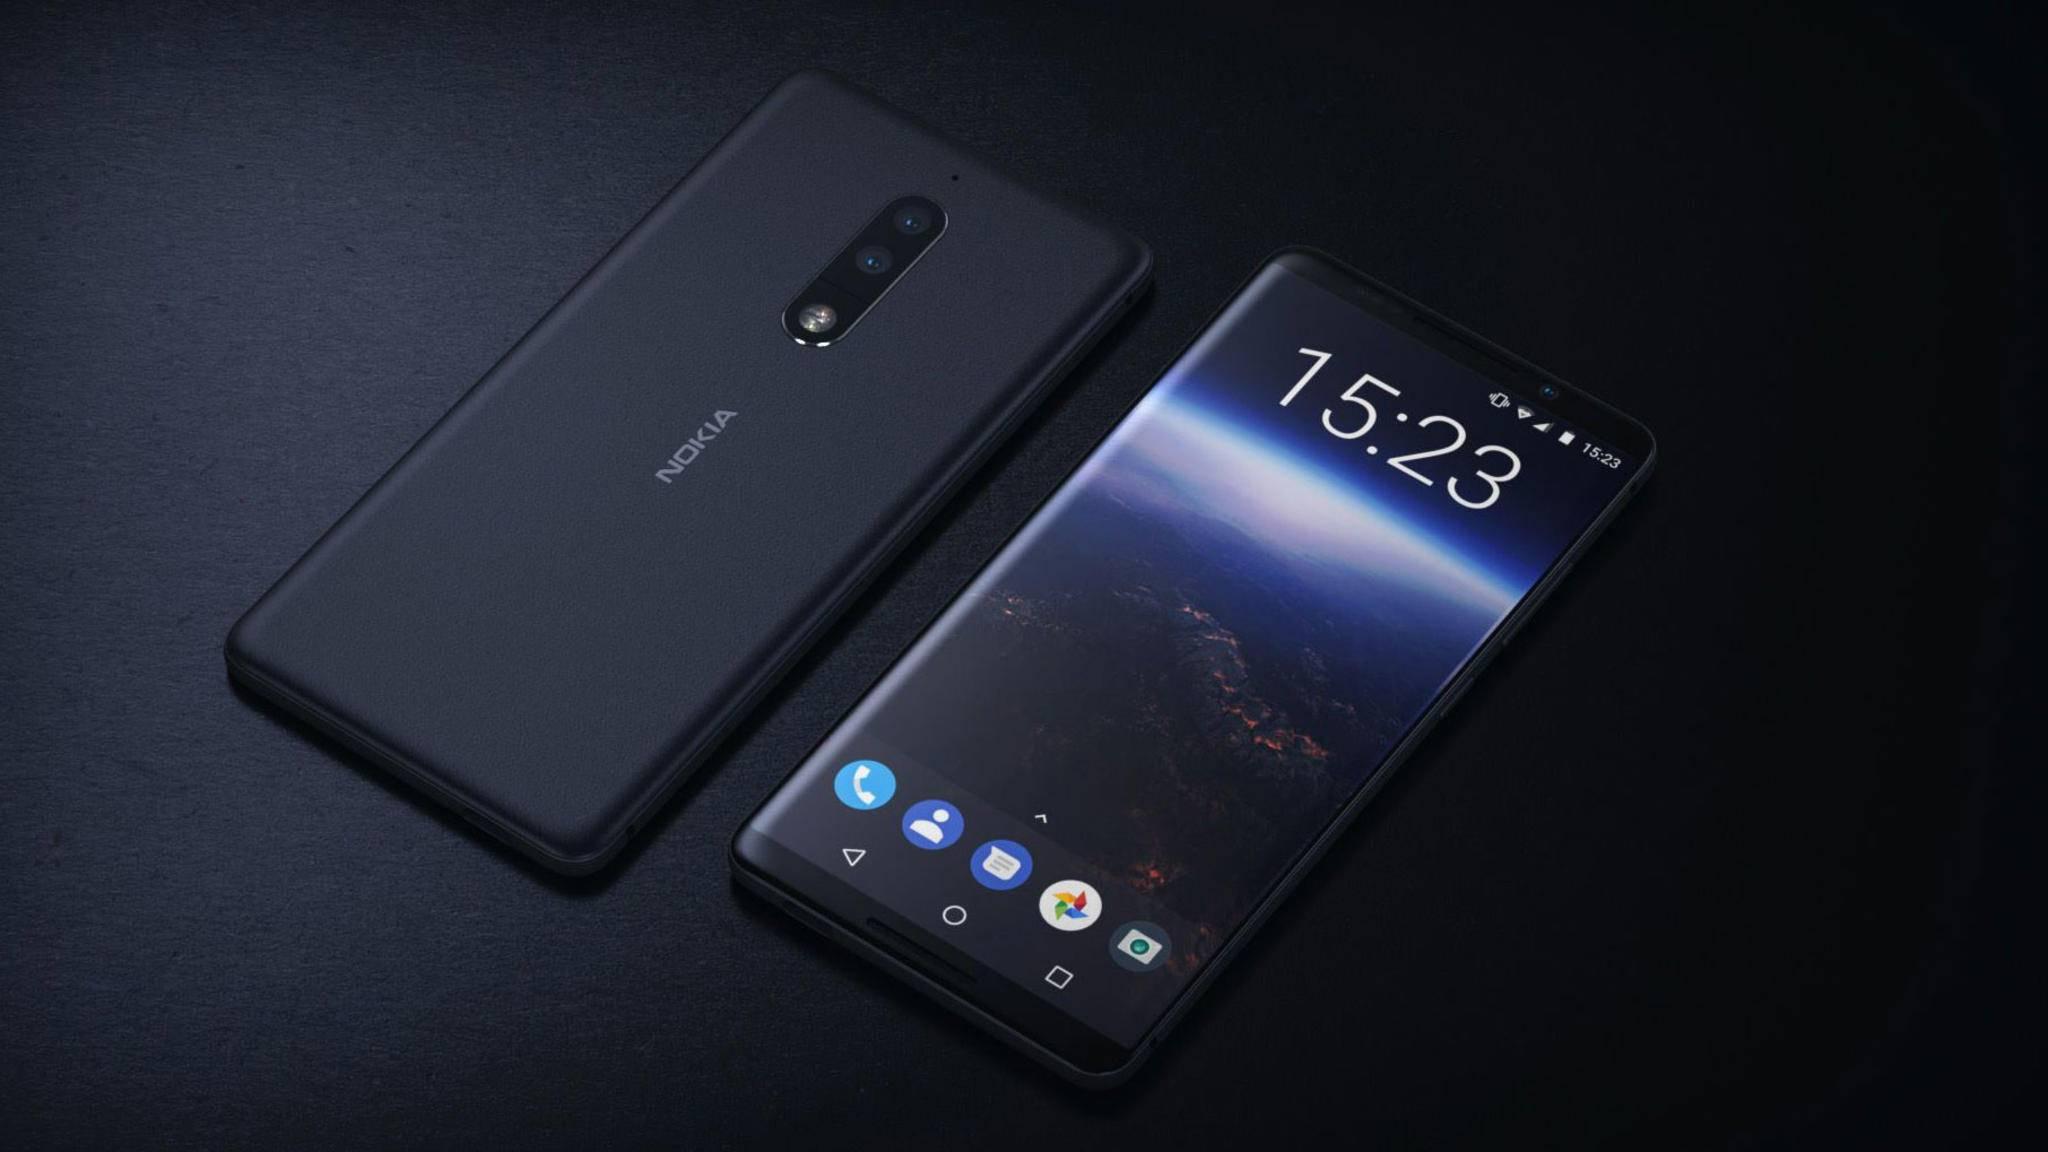 Ordentlich Leistung unter der Haube: Das Nokia 9 soll es wahlweise mit 6 oder 8 GB Arbeitsspeicher geben.